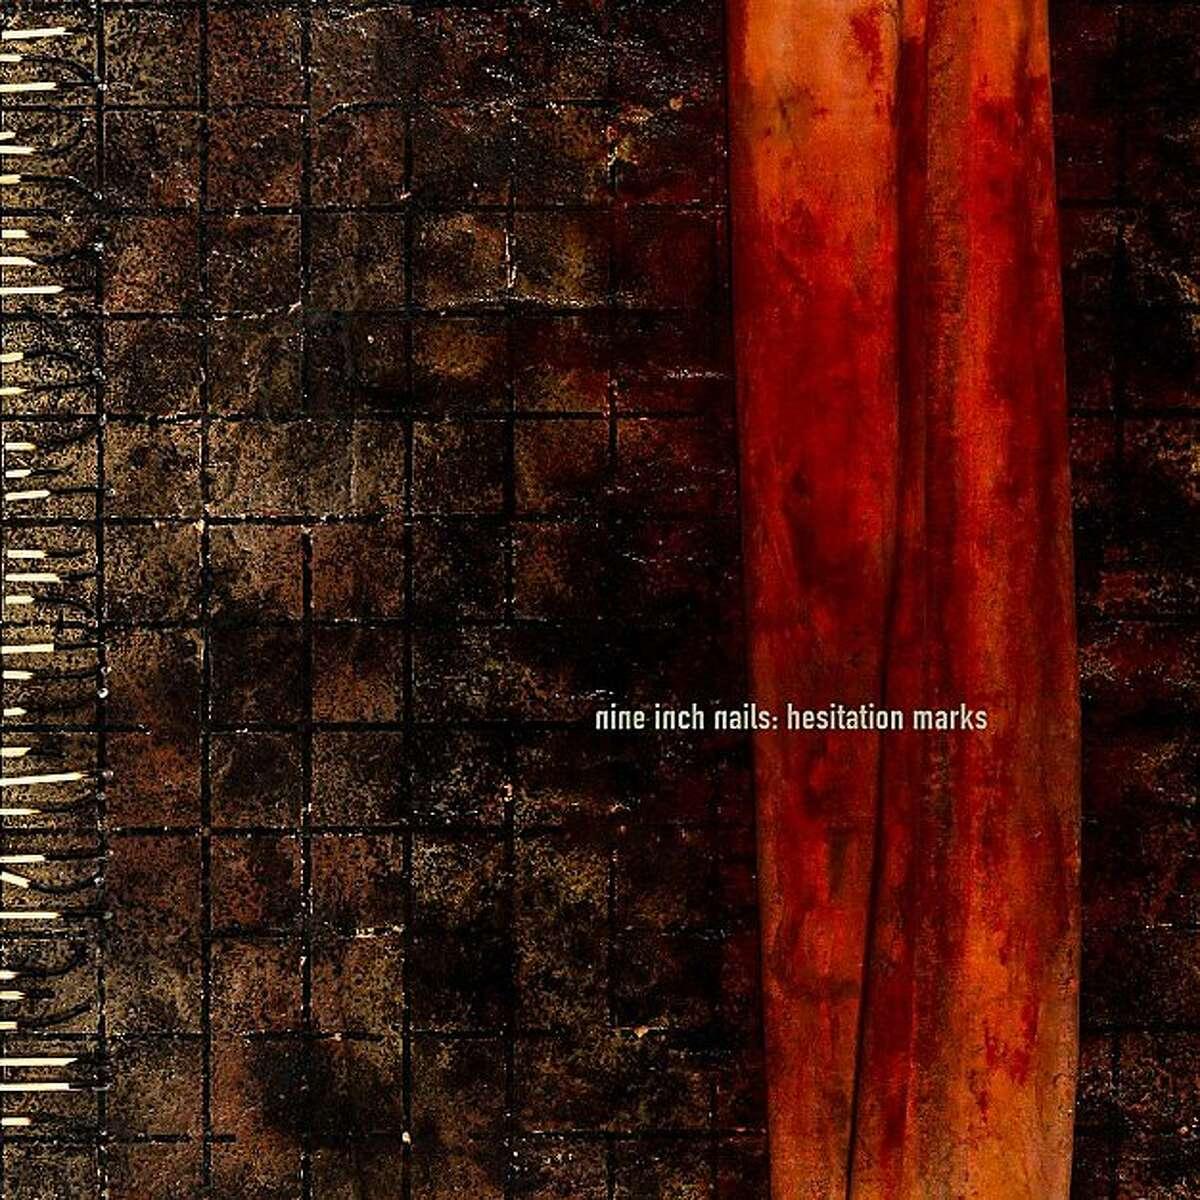 Nine Inch Nails, 'Hesitation Marks.'